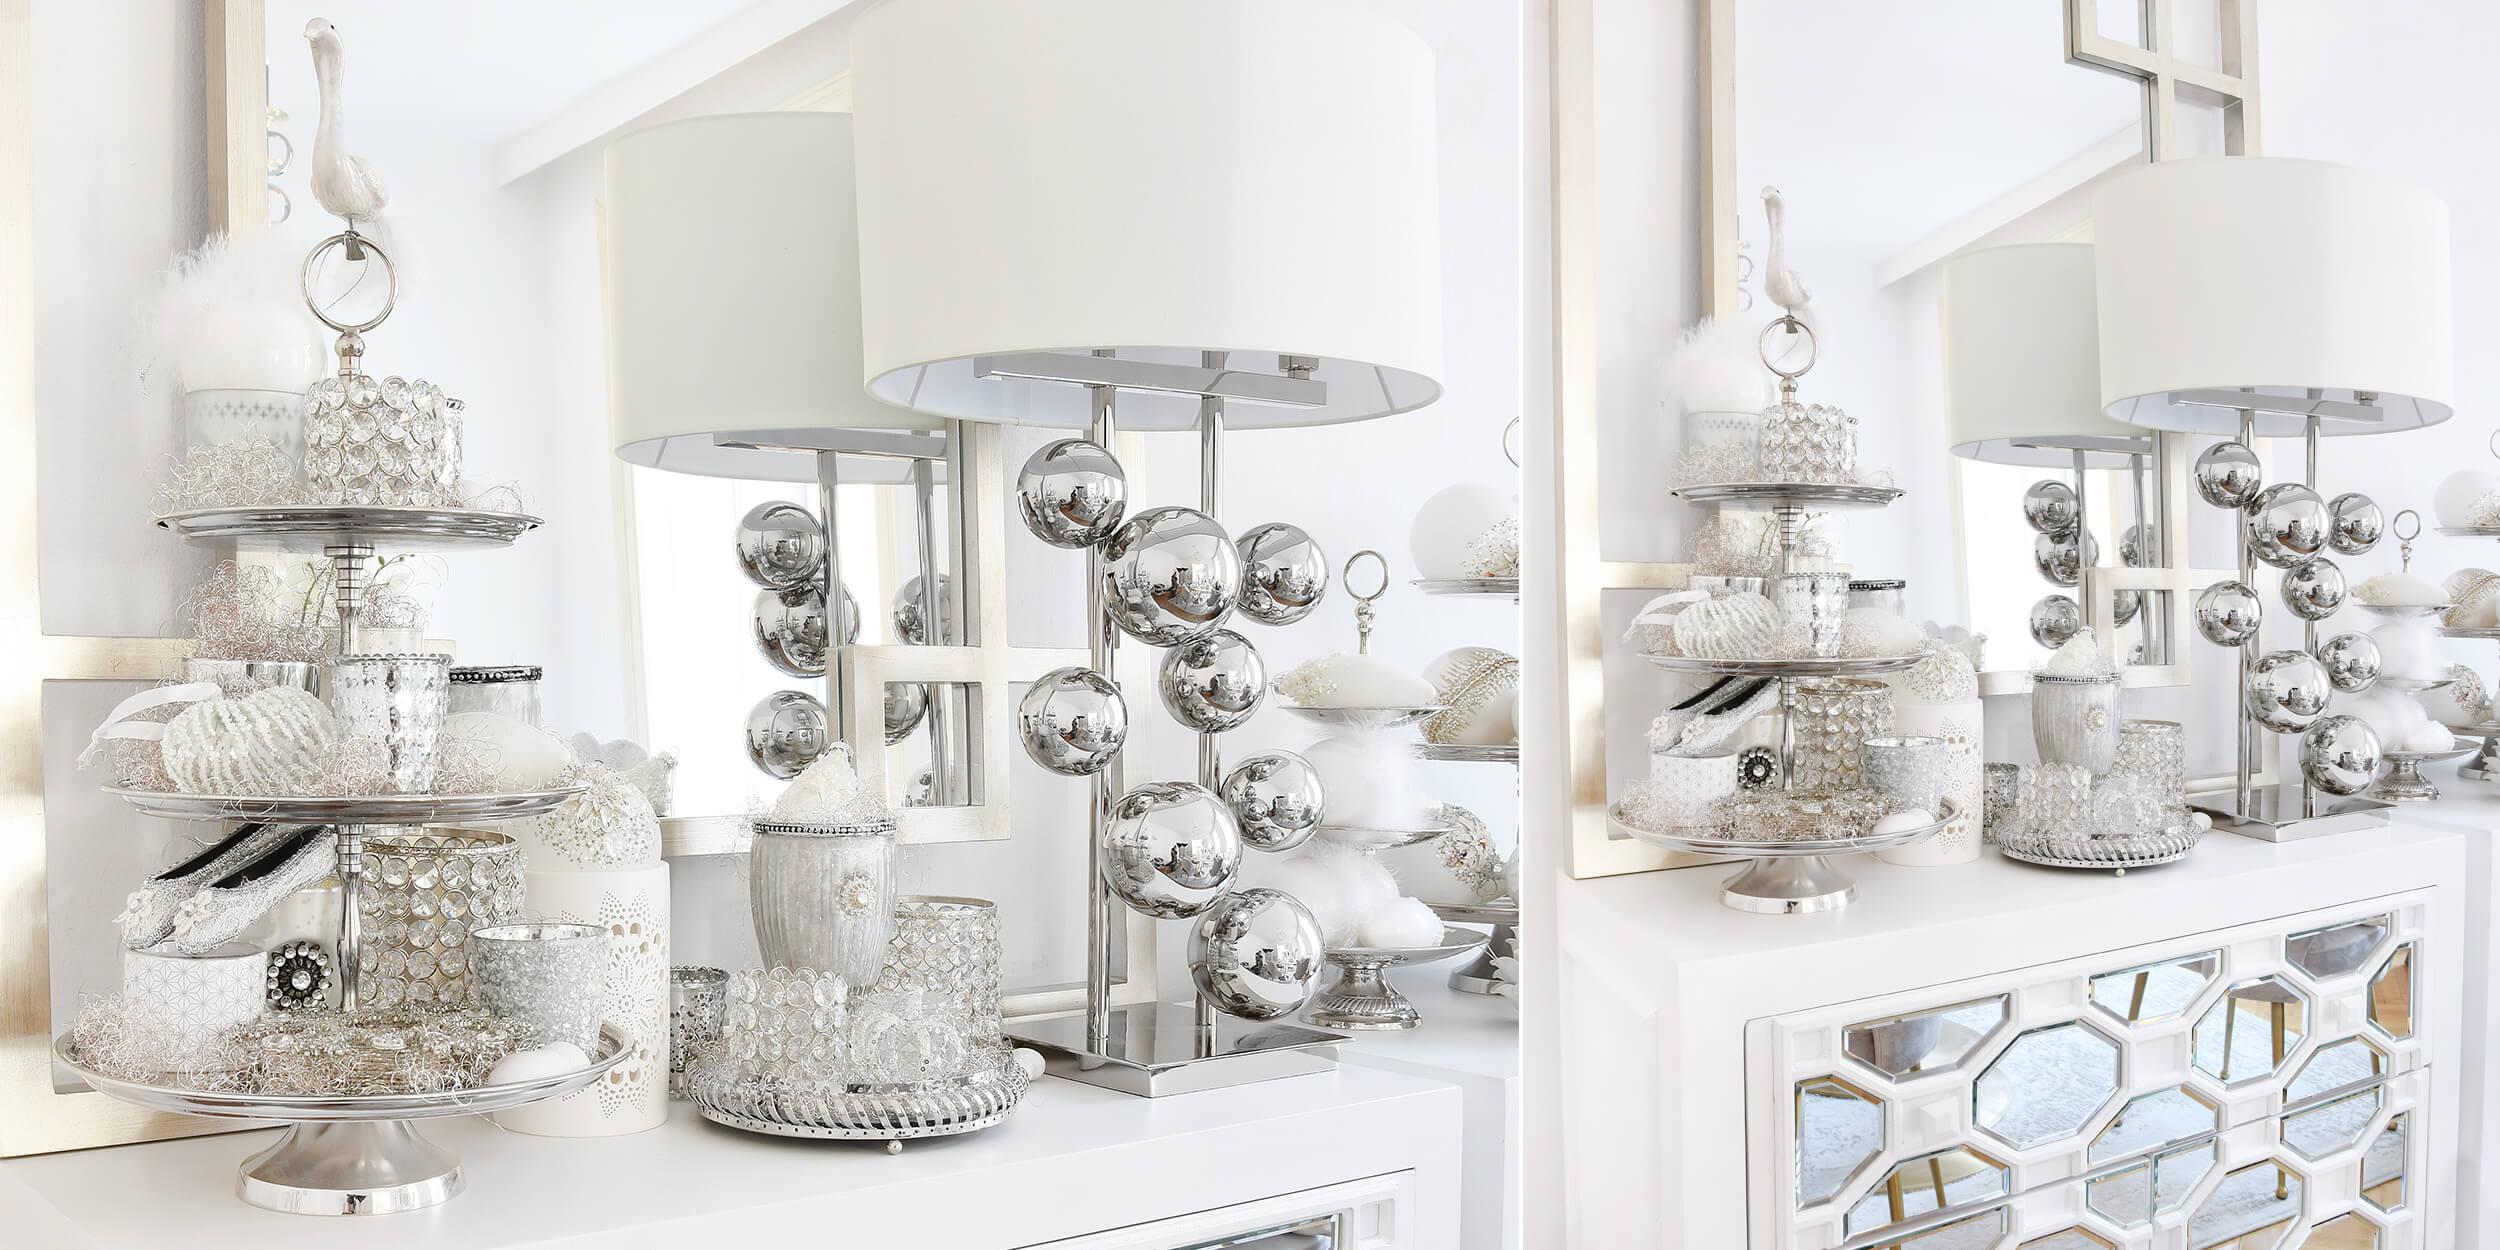 Weihnachtsdeko In Silber Und Weiß.Weihnachtliche Teelichtgläser